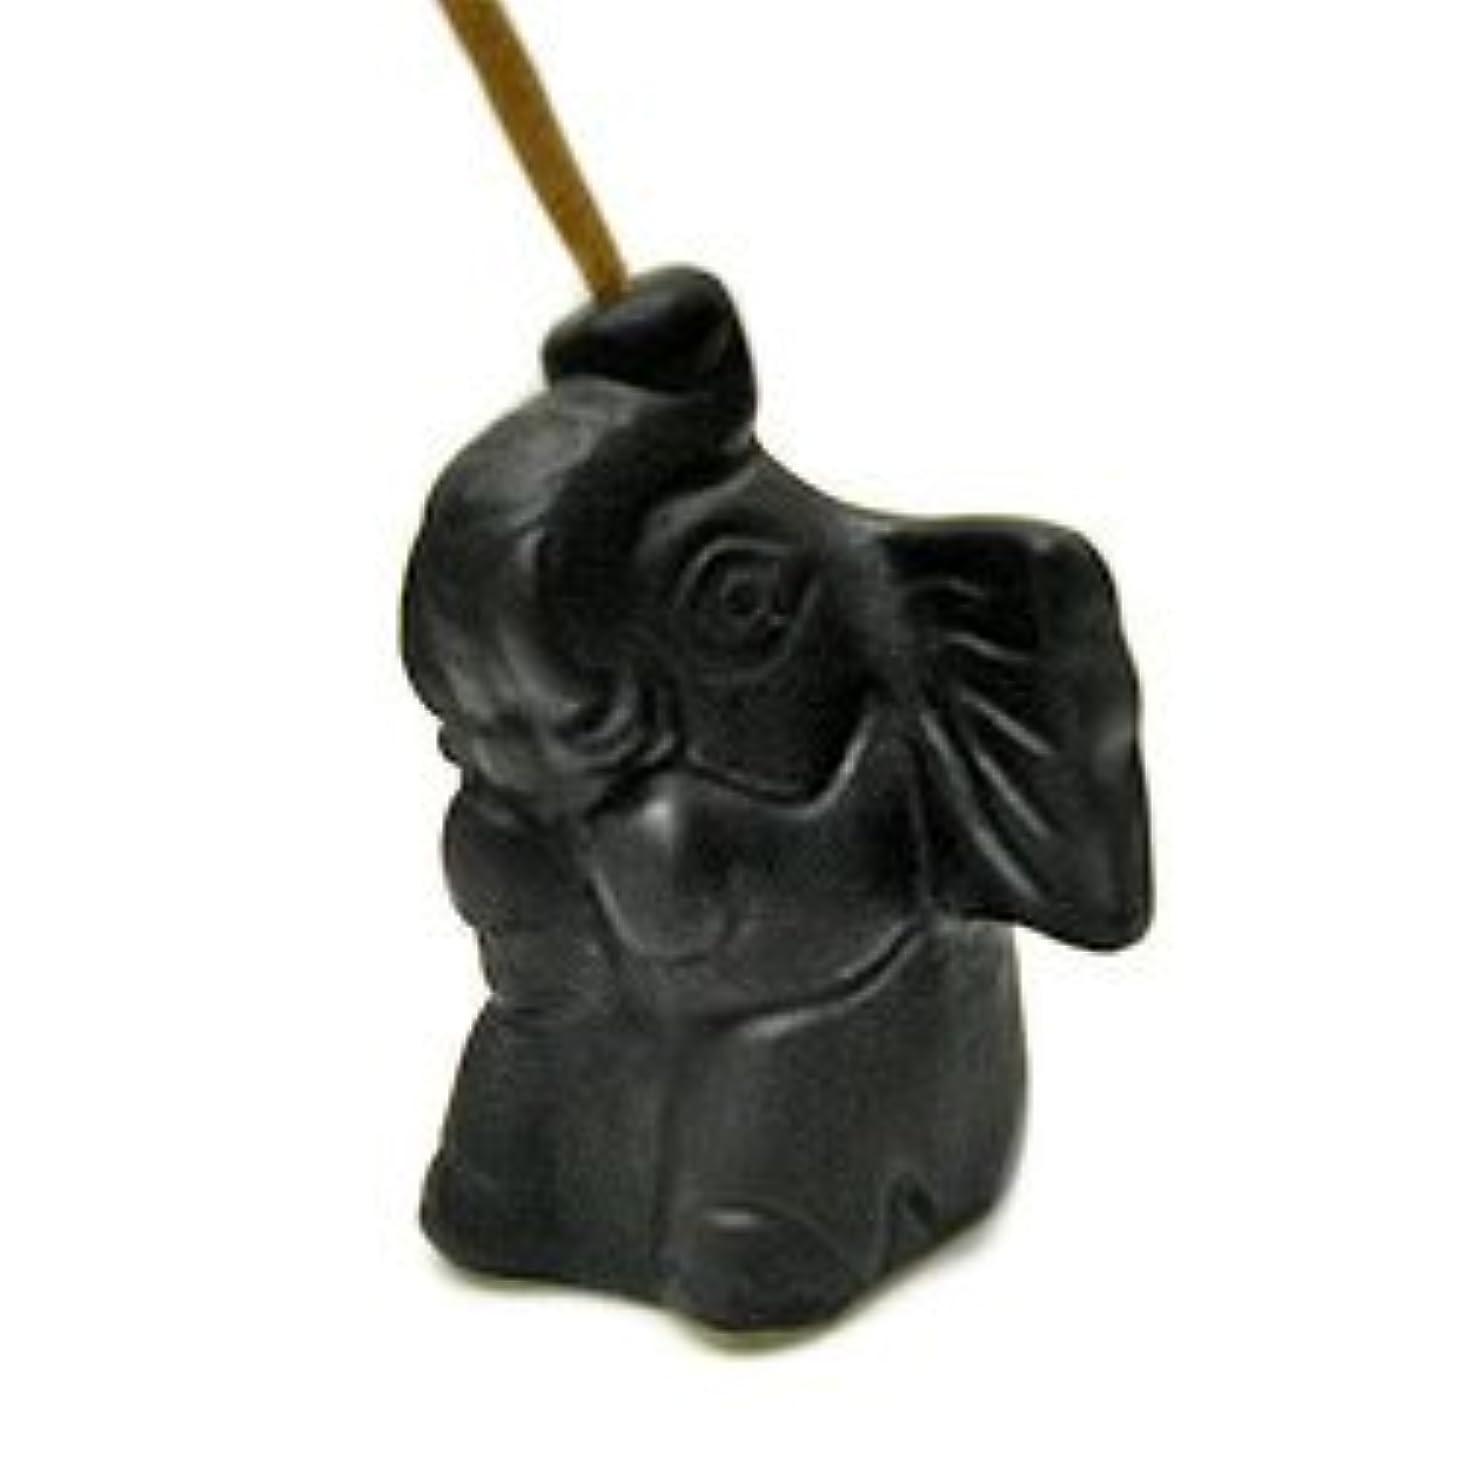 挨拶する探す有力者象さんのお香立て <黒> インセンスホルダー/スティックタイプ用お香立て?お香たて アジアン雑貨